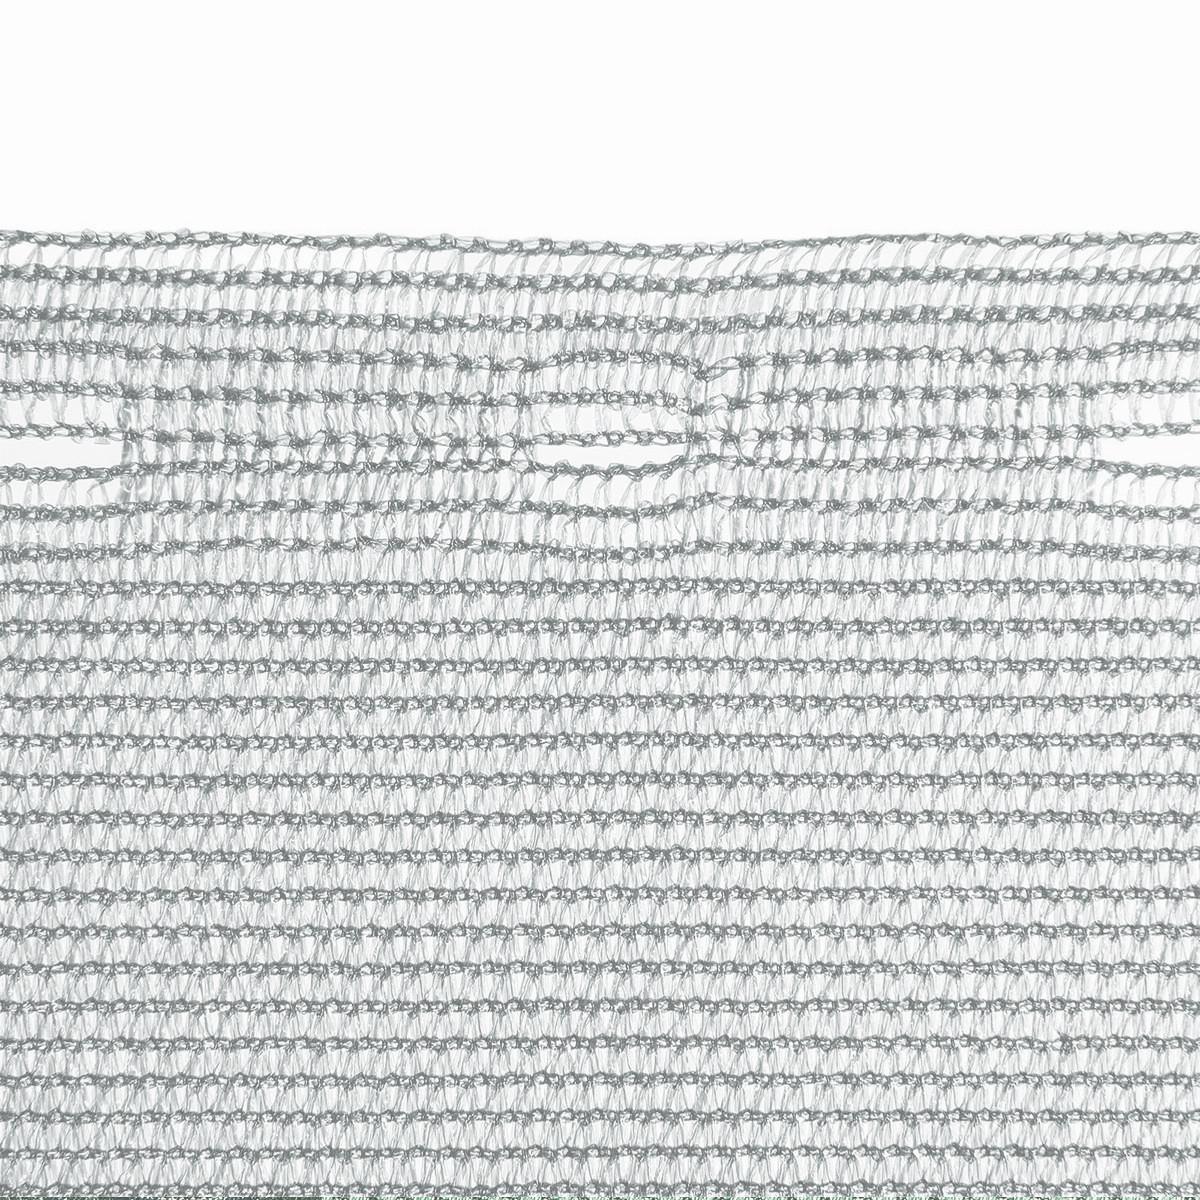 Zaunblende 85 1 5m X 30m Wind Sichtschutz Schattiernetz Silbergrau